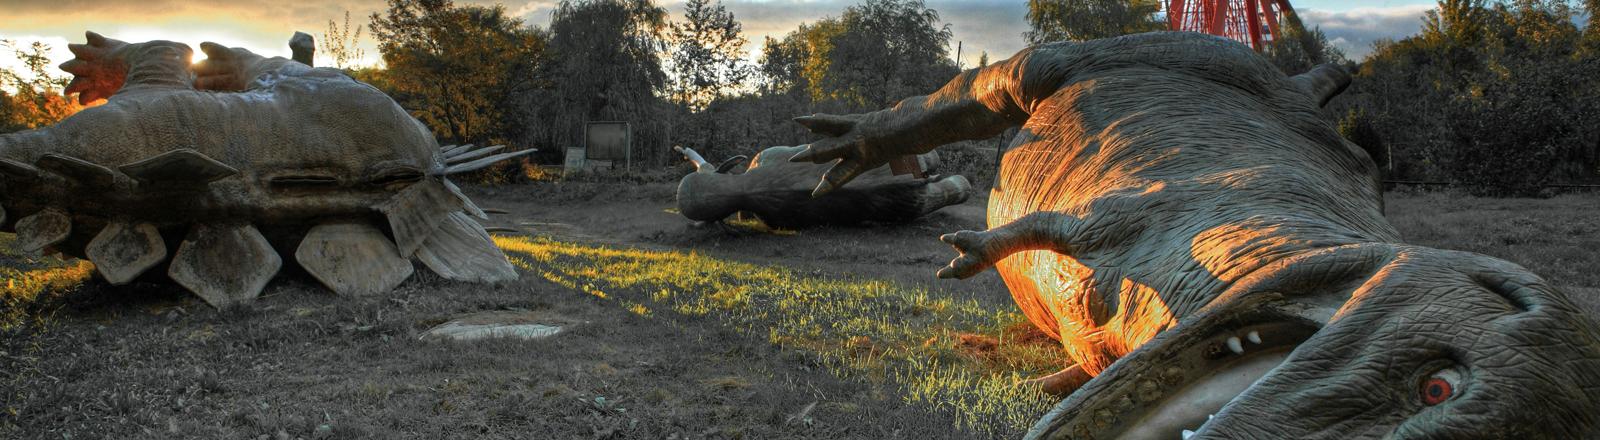 Dinosaurier auf der Erde liegend